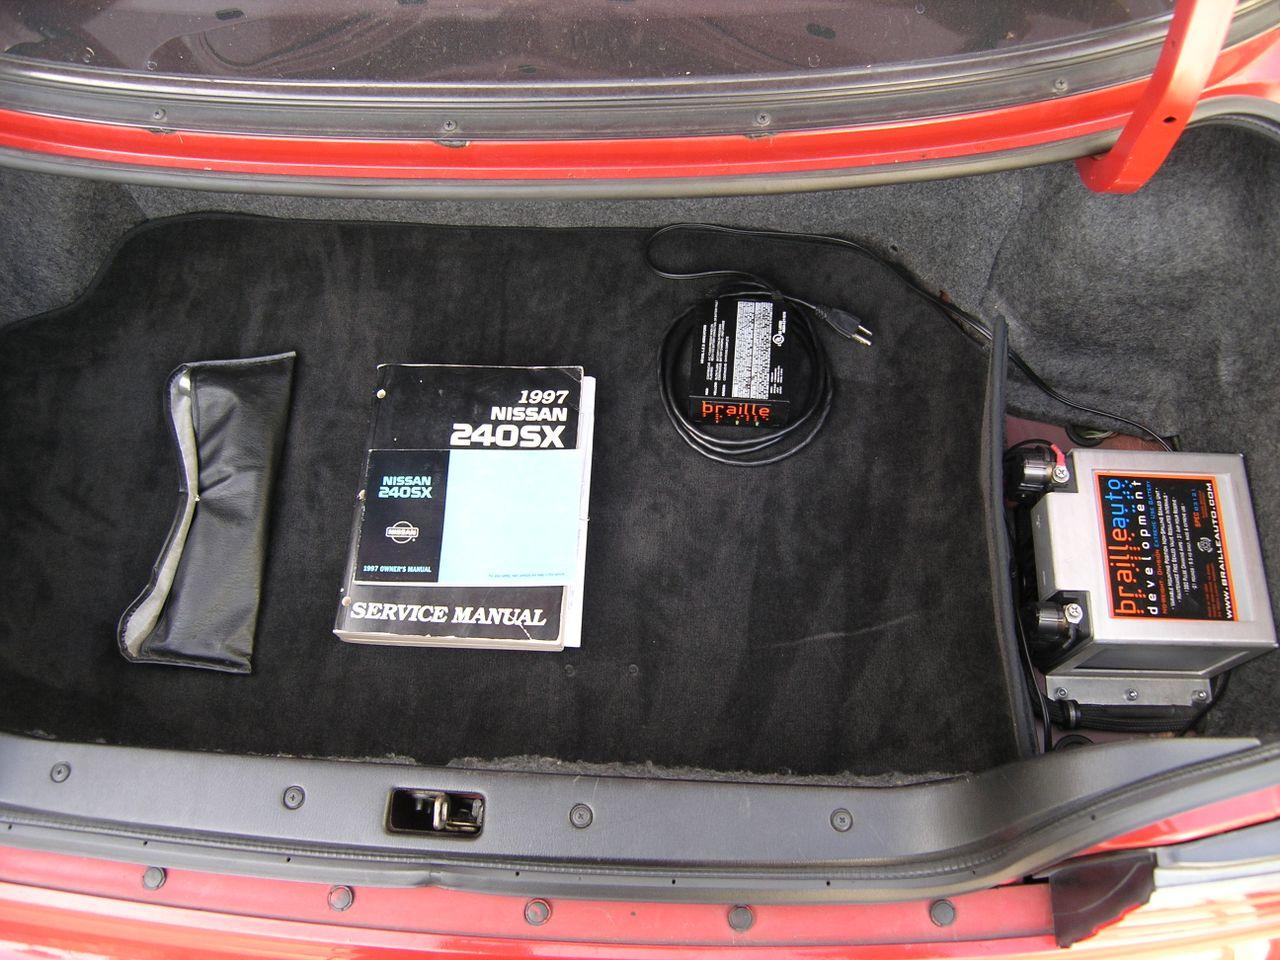 For Sale - 1997 Nissan 240SX S14 Kouki - Base Model - 68,816